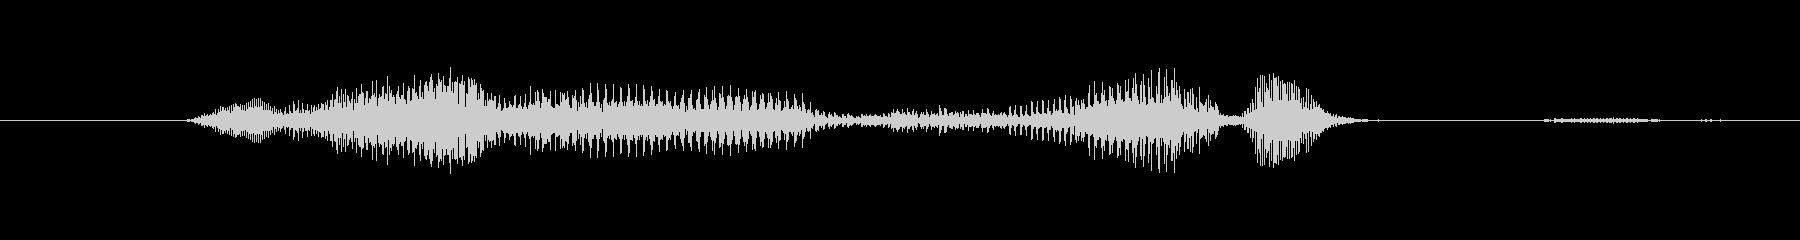 鳴き声 男性の悲鳴の深い痛み12の未再生の波形